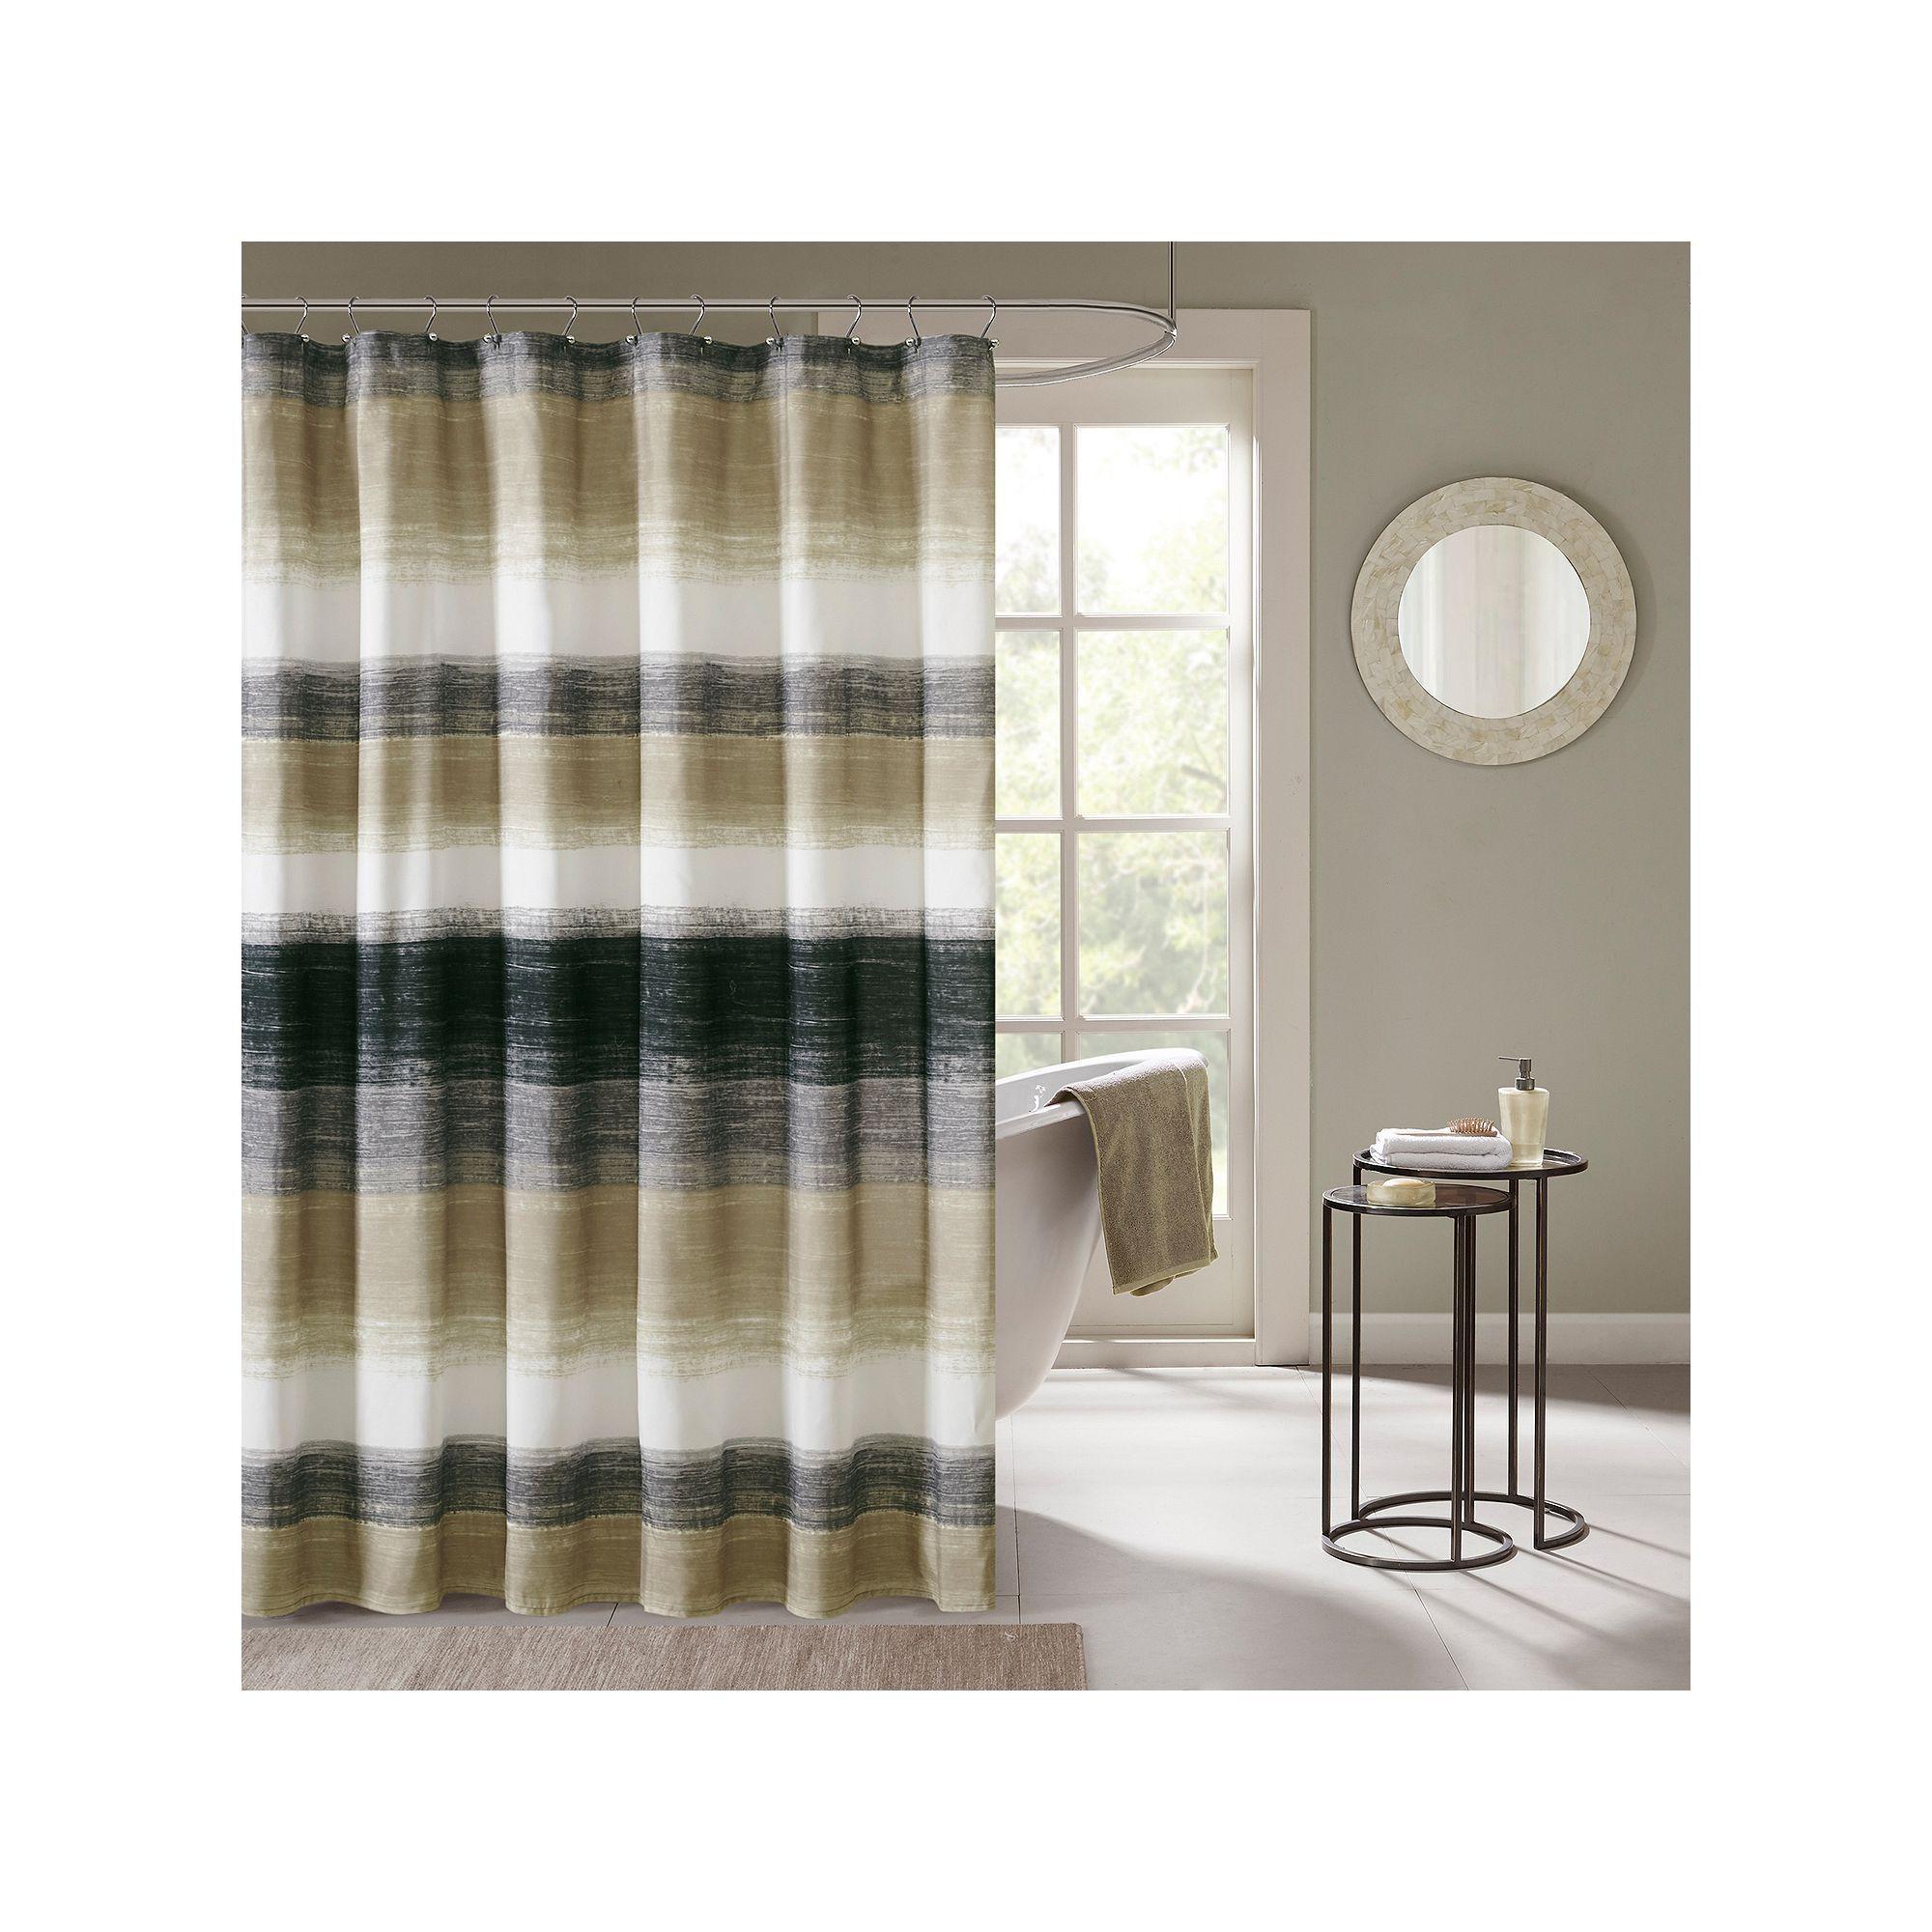 Madison Park Essentials Barrett Shower Curtain Beig Green Khaki